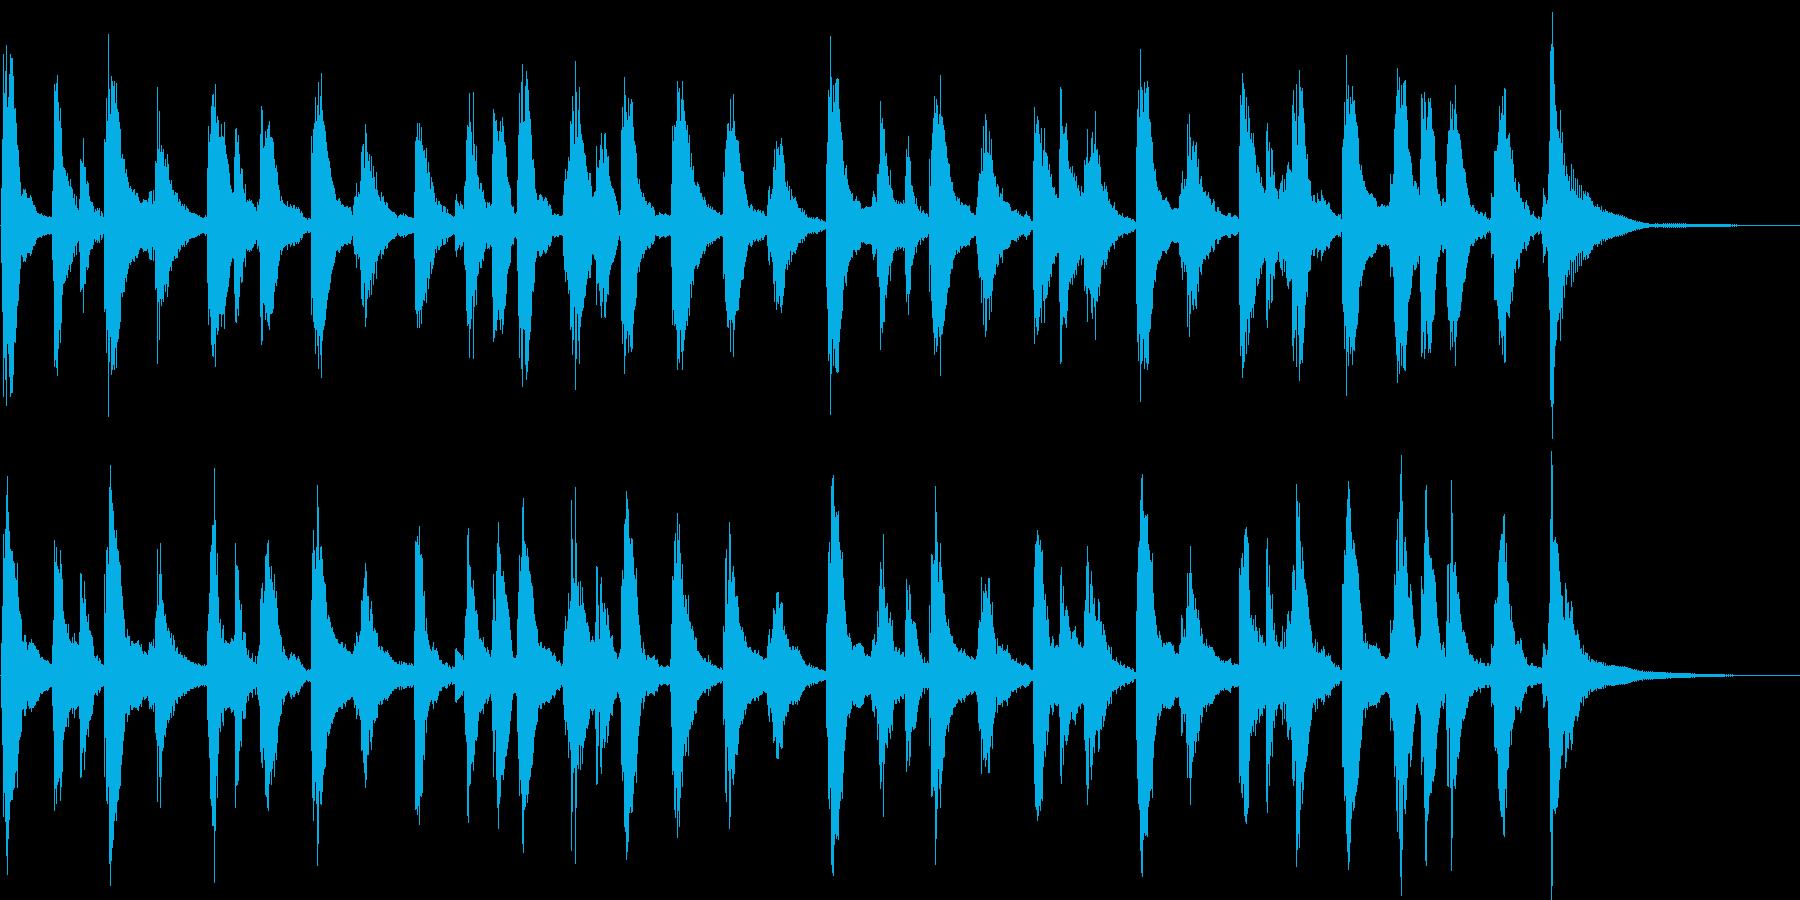 ゆるくて気の抜けた雰囲気のサウンドロゴの再生済みの波形